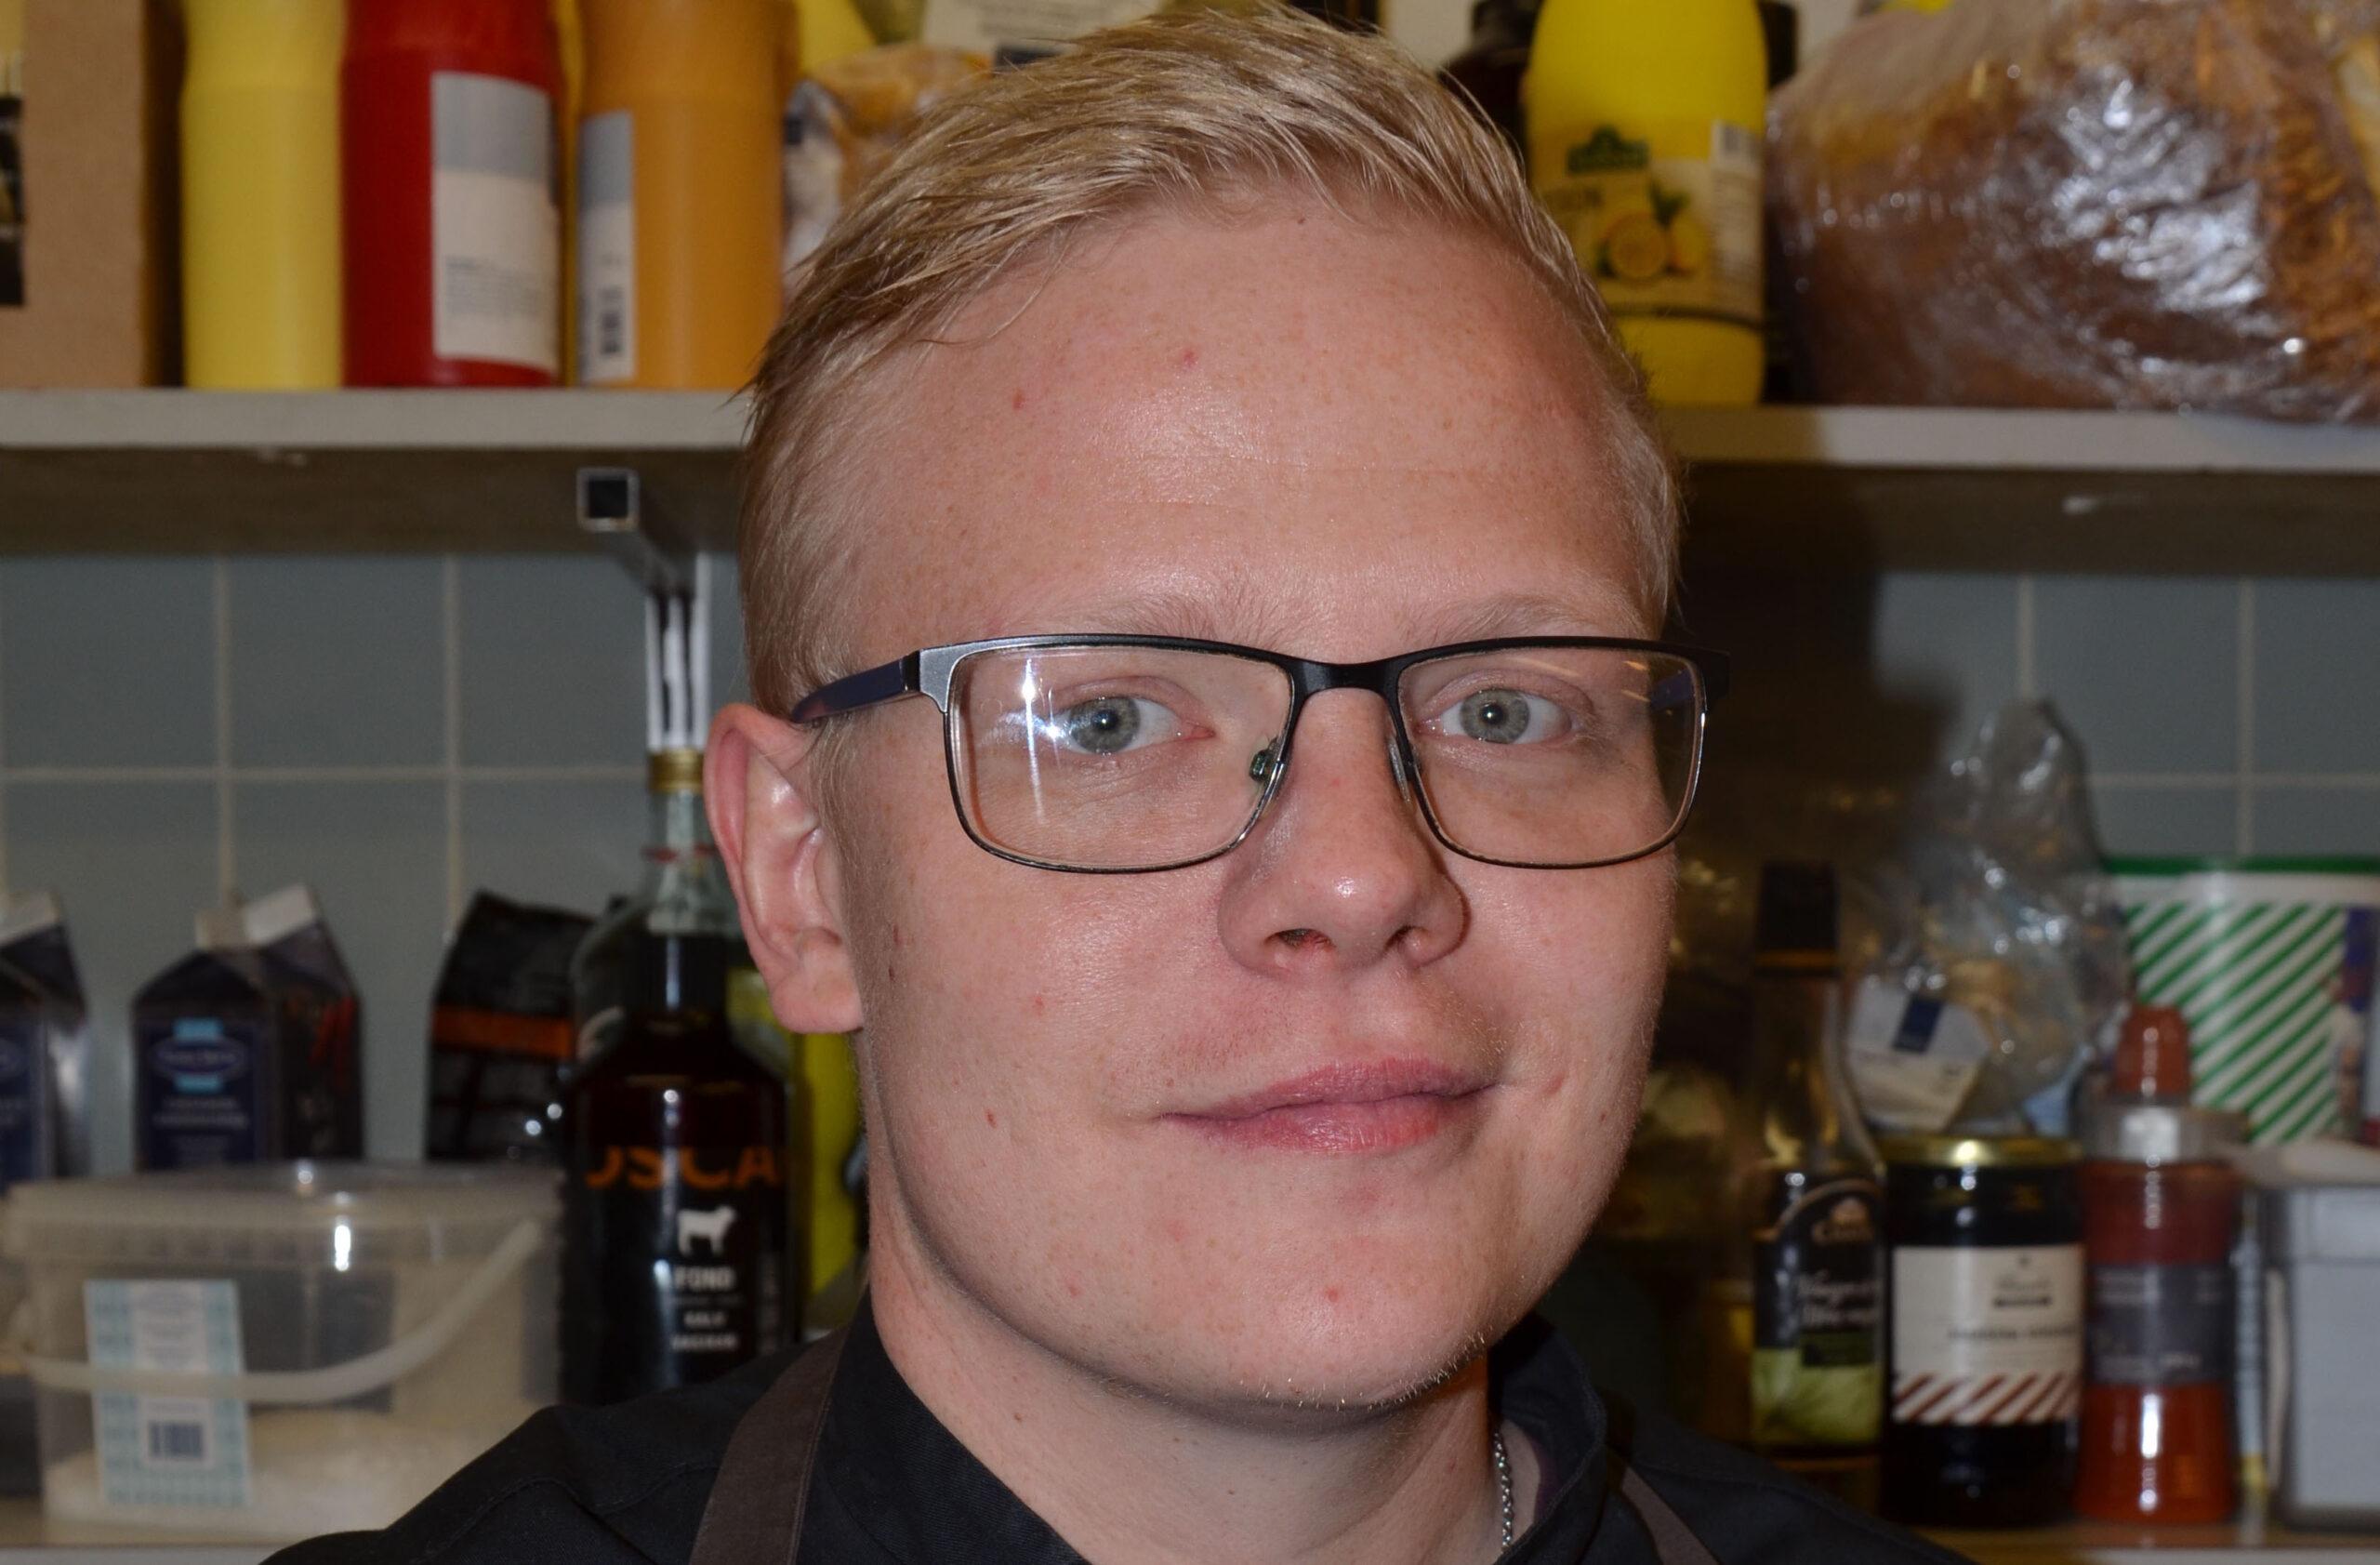 Køkkenchef i Faaborg. Lækker mad ved Restaurant Klinten.